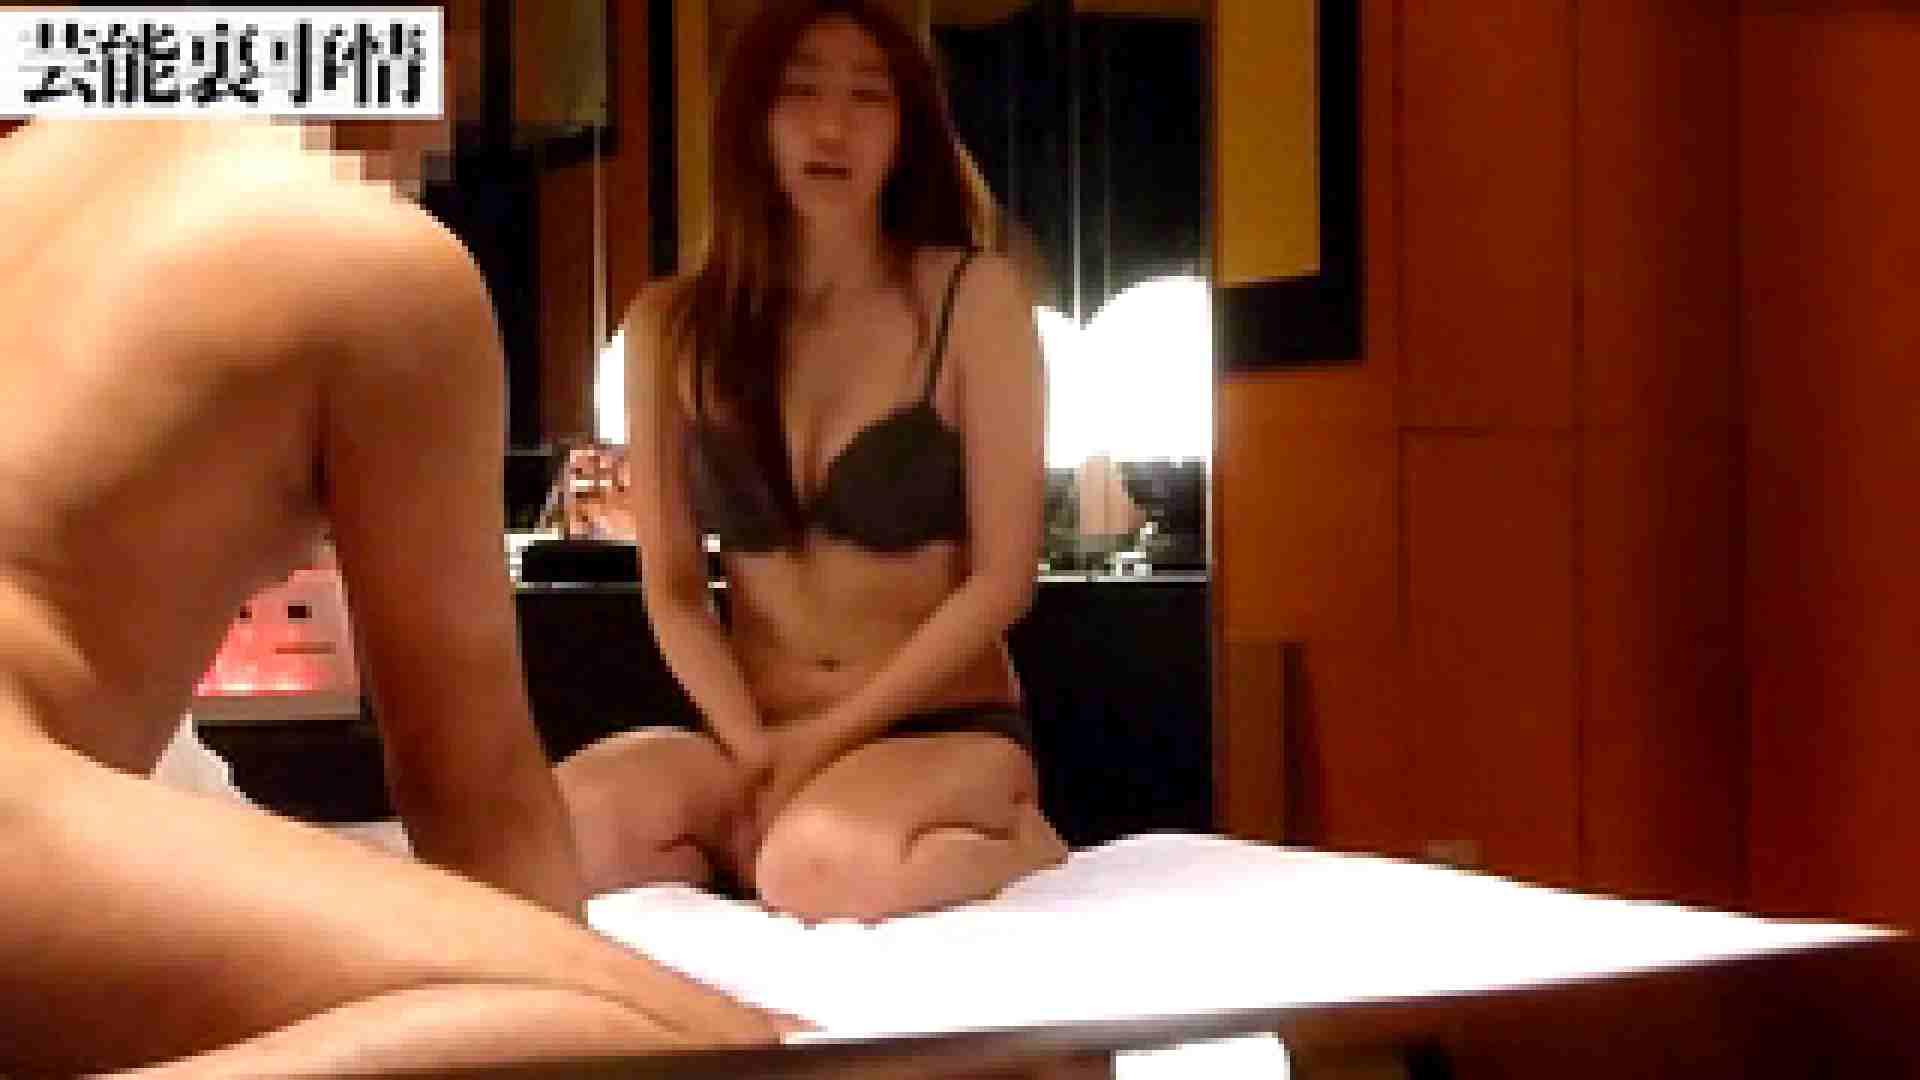 某芸能プロダクションの裏のお仕事9 タレント セックス無修正動画無料 78PIX 47